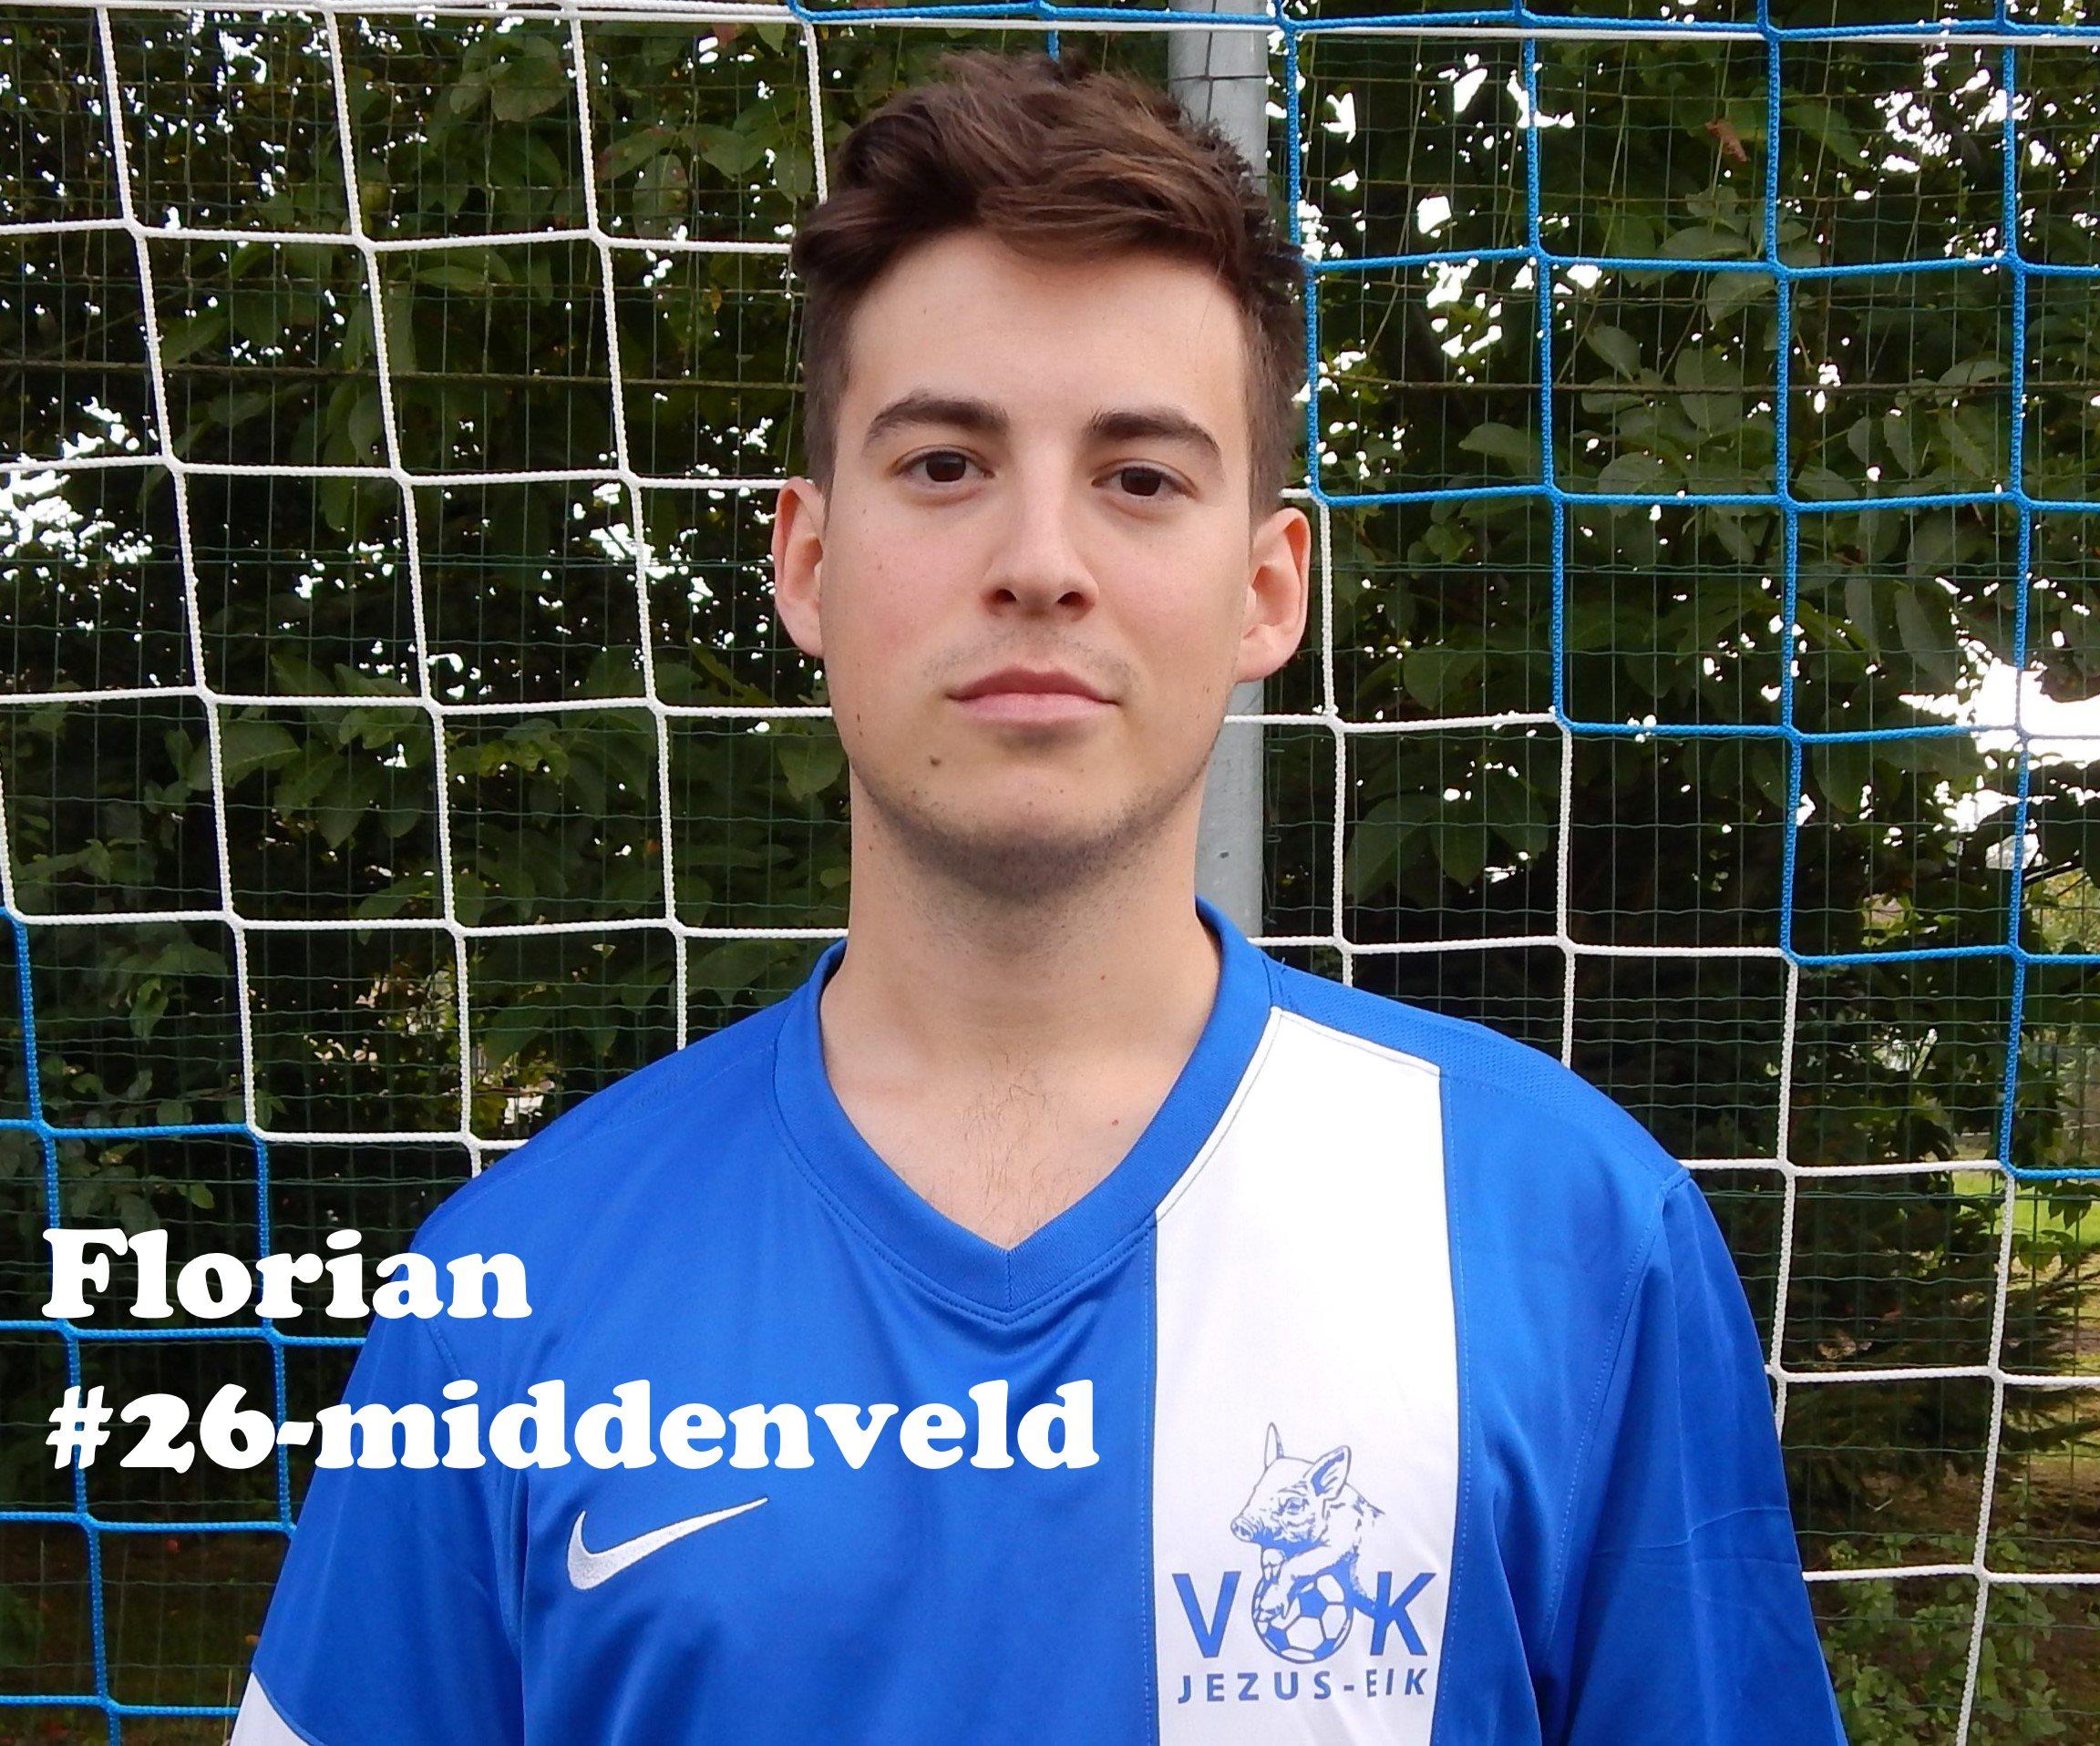 Florian - Middenvelder - 26